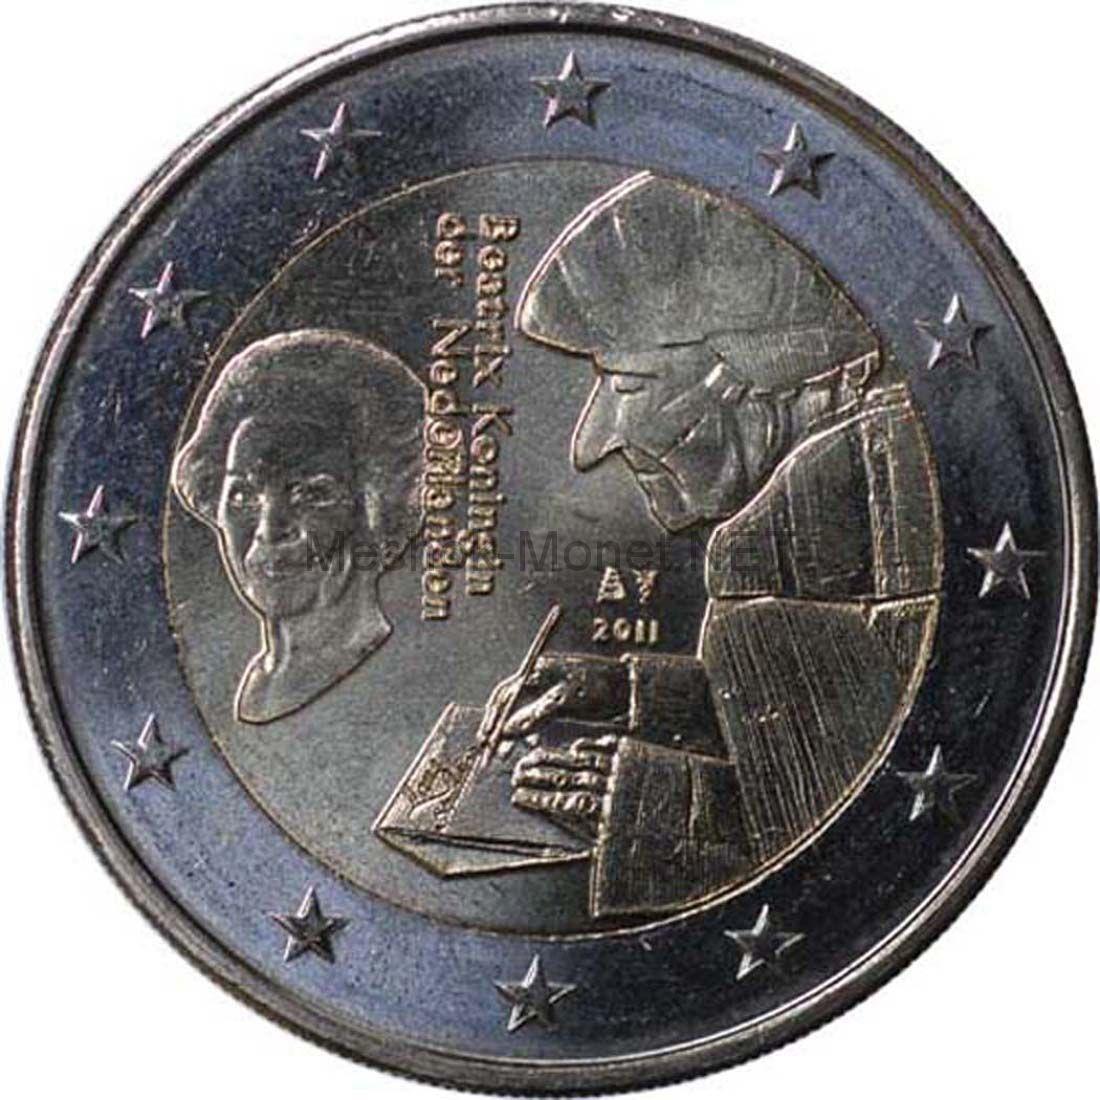 Нидерланды 2 евро 2011, 500 лет издания книги «Похвала глупости» Эразм Роттердамский